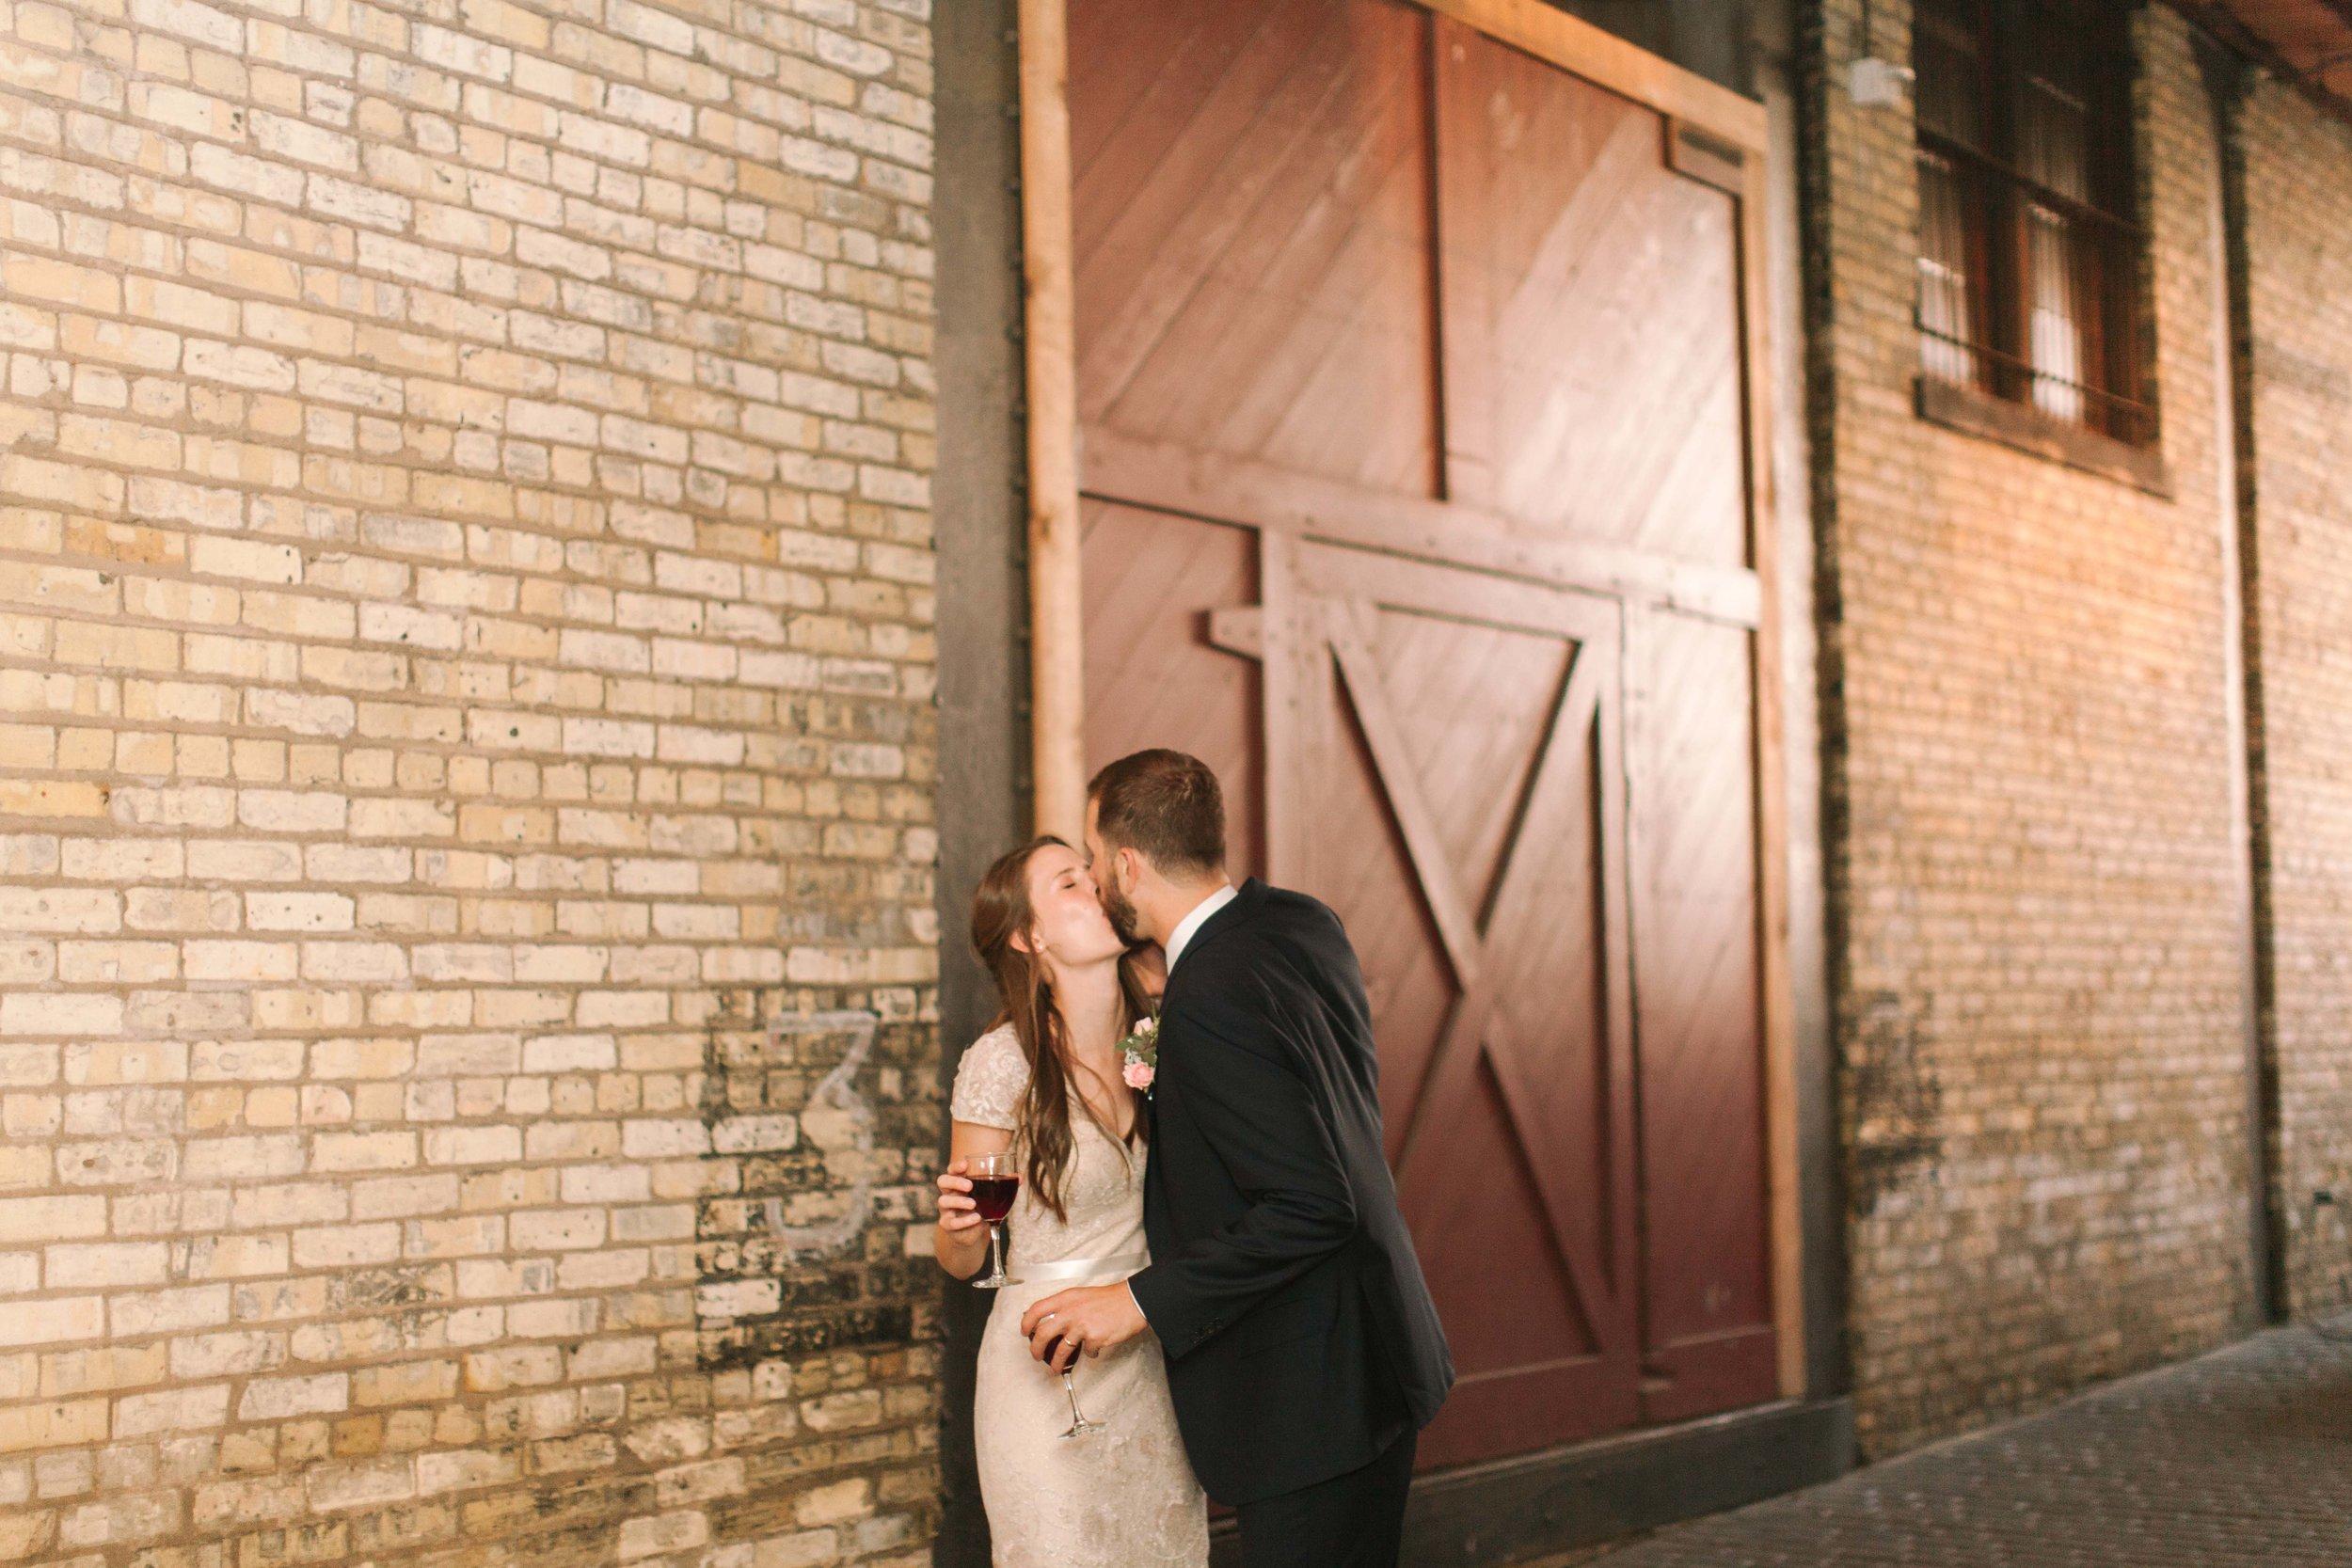 kateweinsteinphoto_clairewillie_wedding-620.jpg